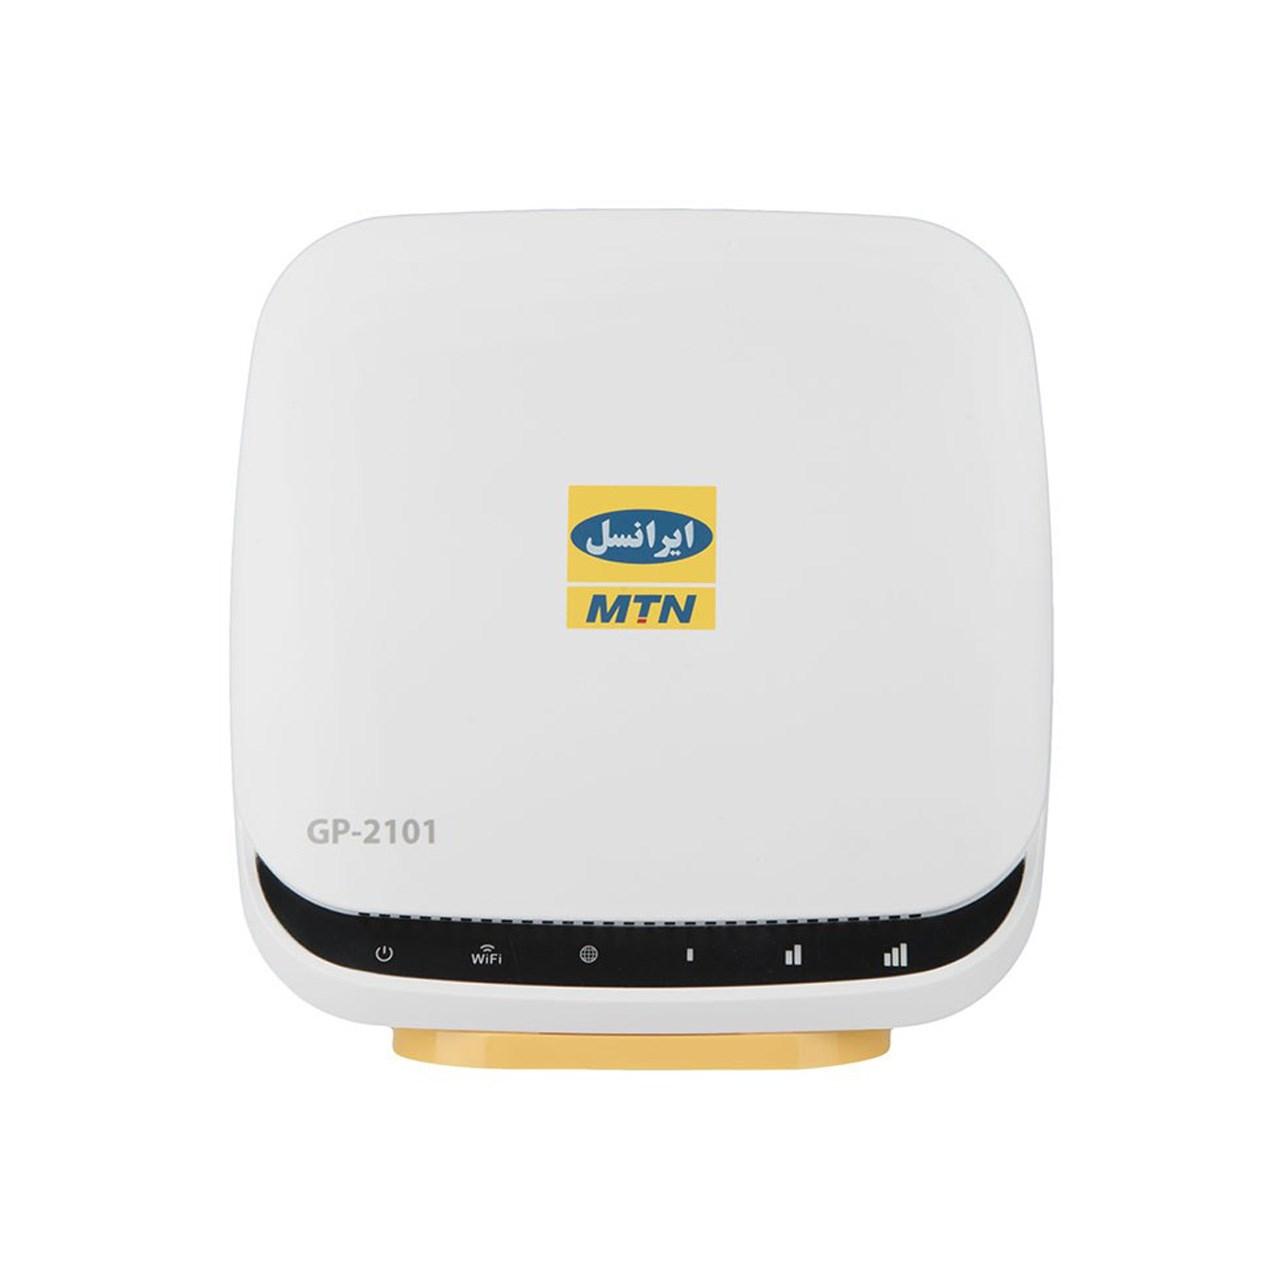 مودم TD-LTE ایرانسل مدل GP-2101 به همراه 10GB اینترنت همراه رایگان